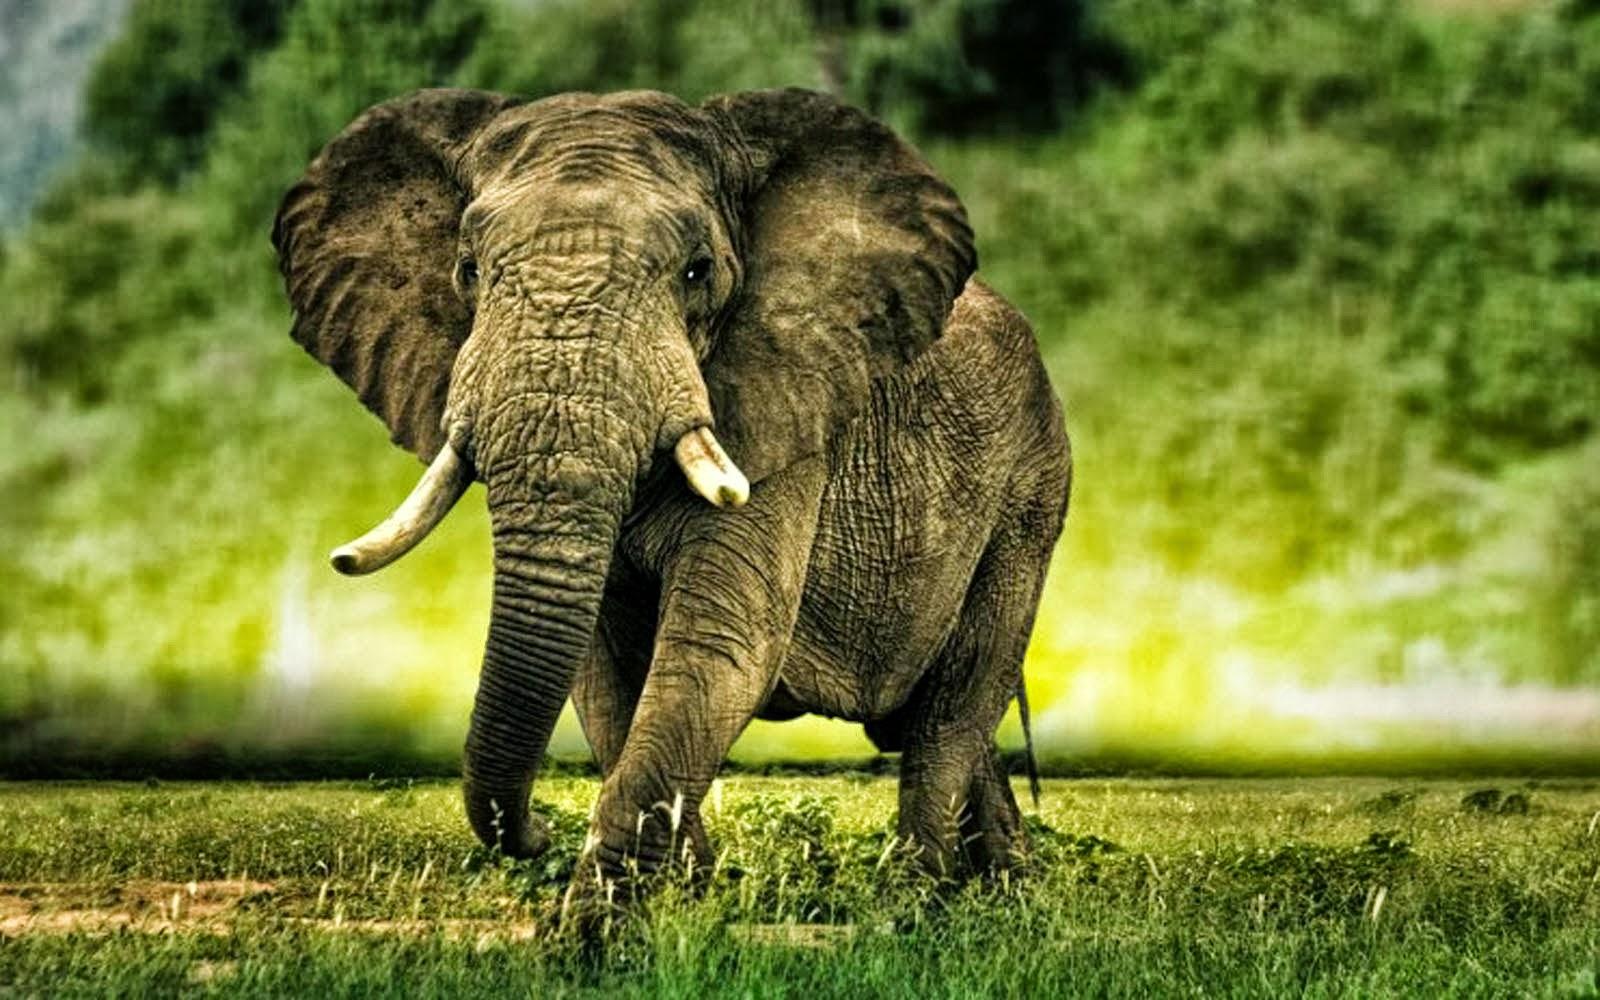 Hd wallpaper elephant - African Elephants Hd Wallpapers